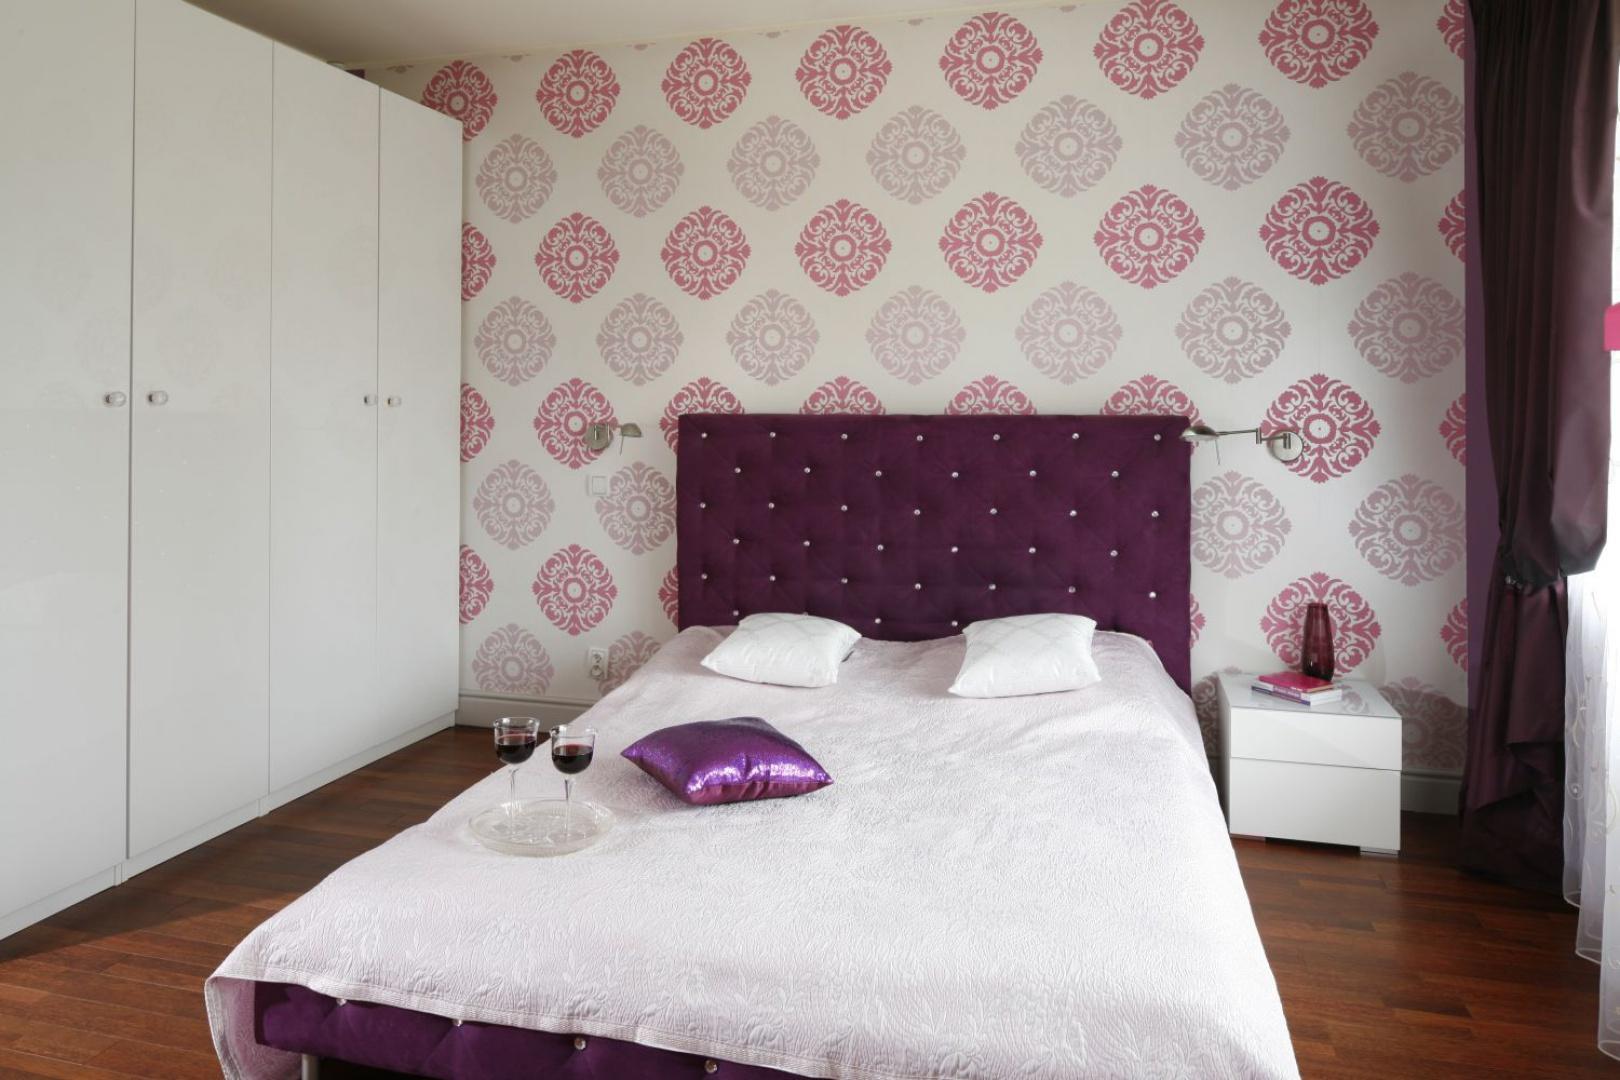 Drewno na podłodze w sypialni pasuje do wielu kolorów - zarówno klasycznej bieli, jak i bardziej odważnych barw i wzorów. Projekt: Beata Ignasiak. Fot. Bartosz Jarosz